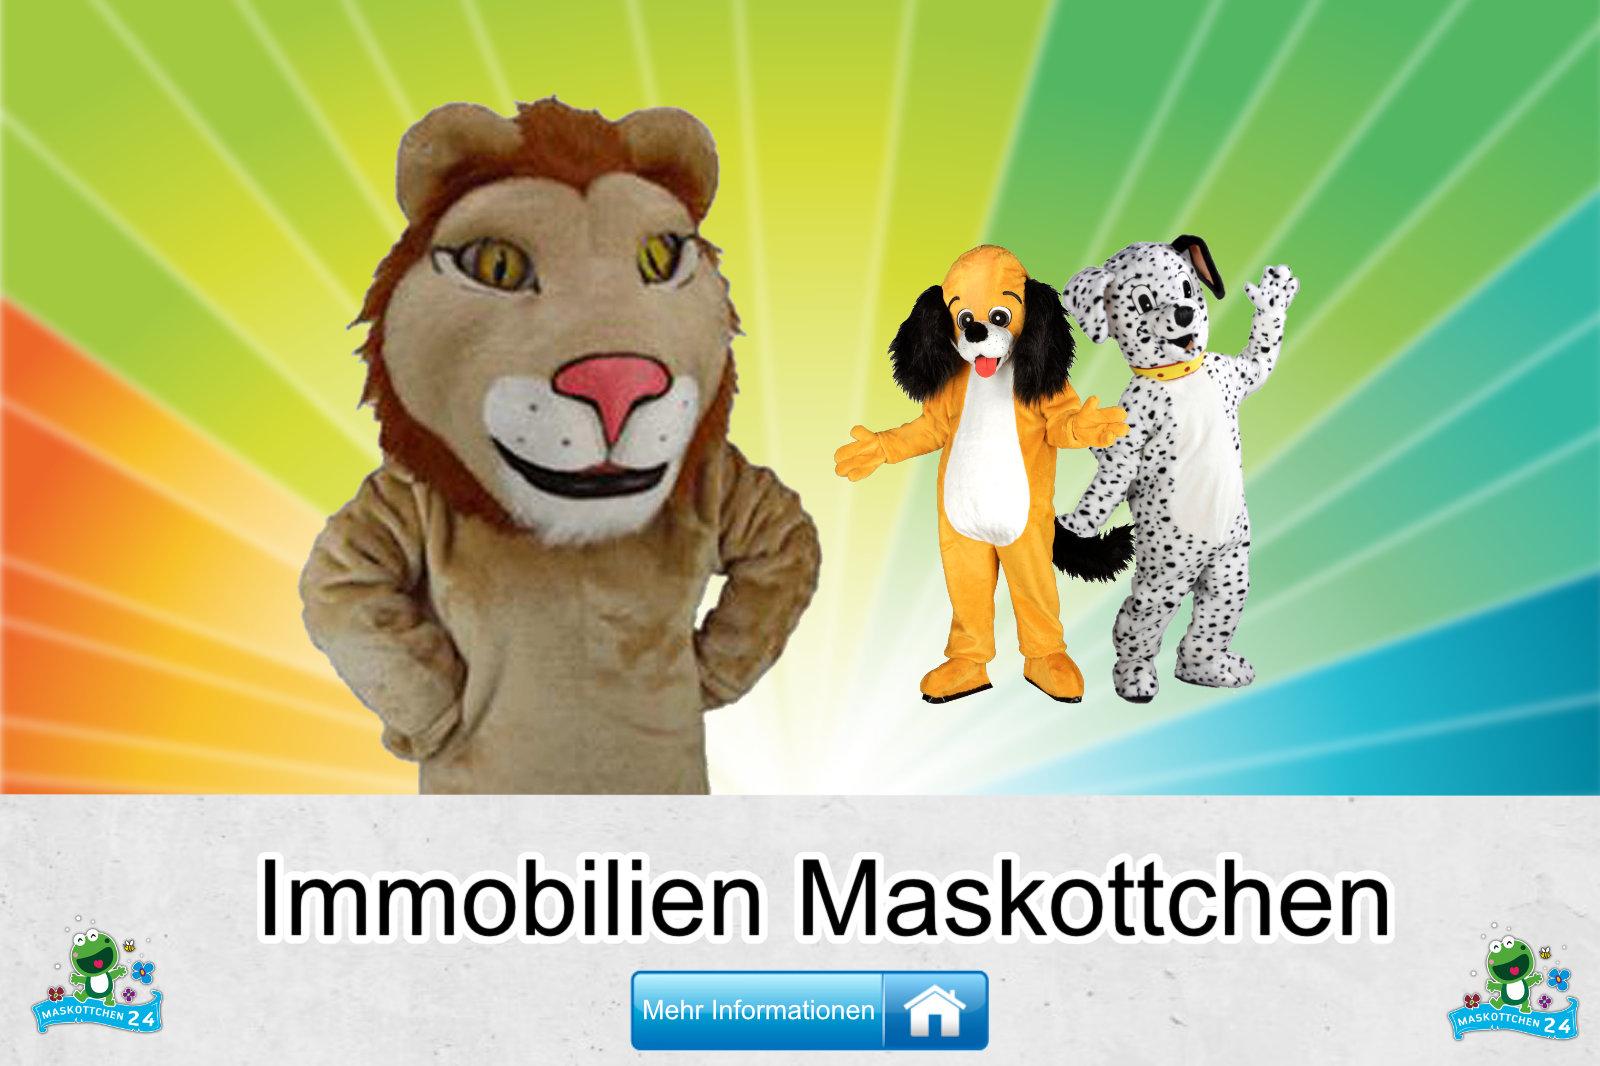 Kostüm Maskottchen Günstig-Kaufen Produktion Immobilien